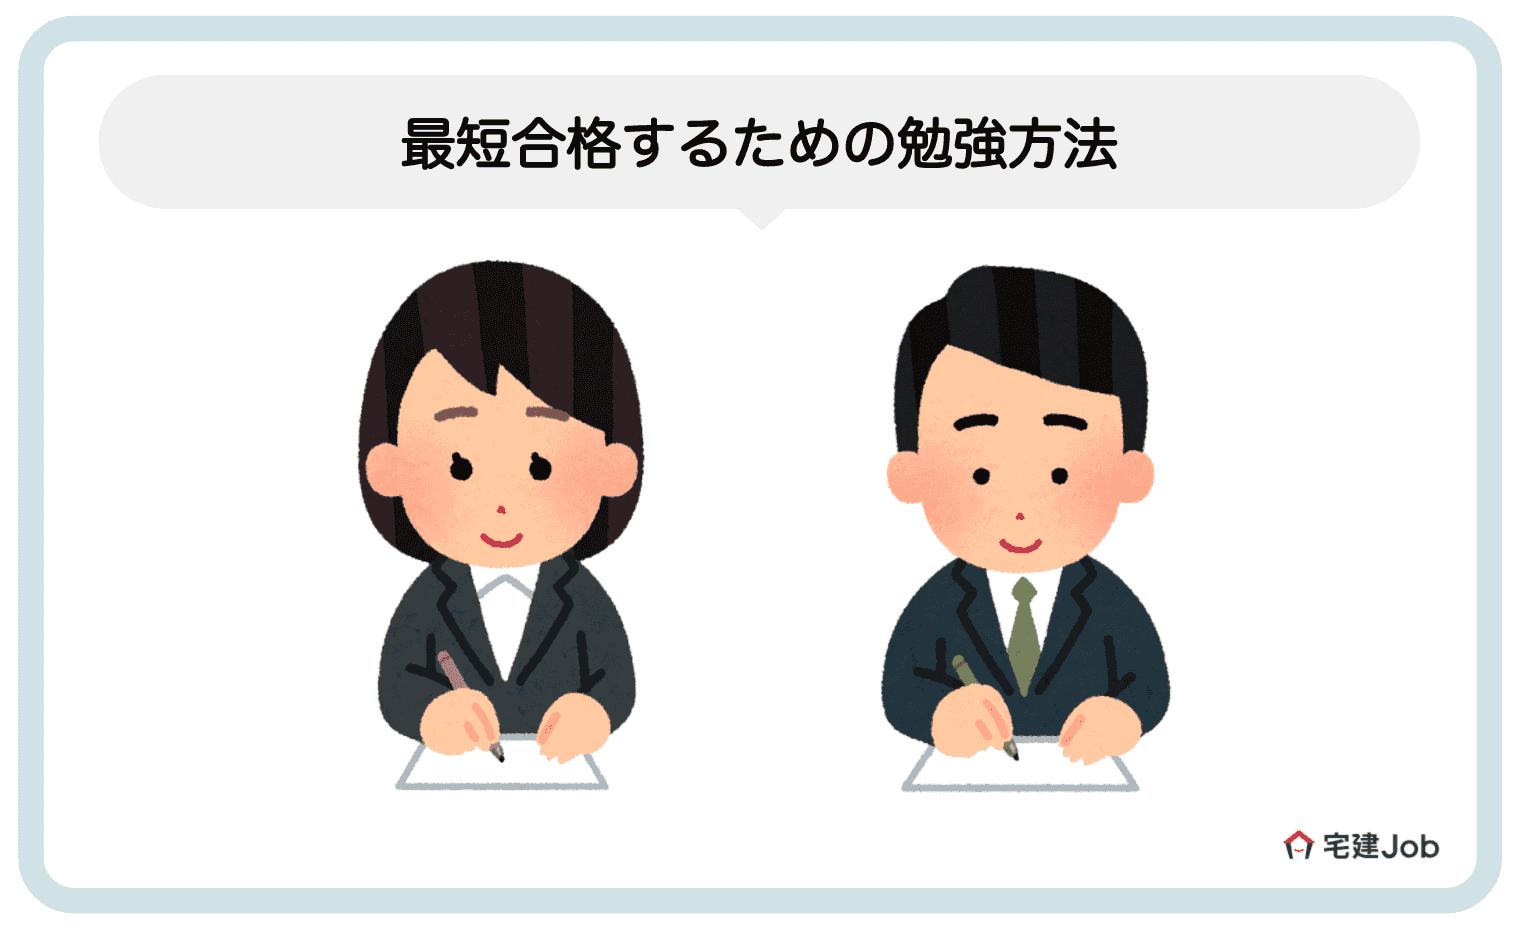 4.宅建に最短合格するための勉強方法【独学は可能?】